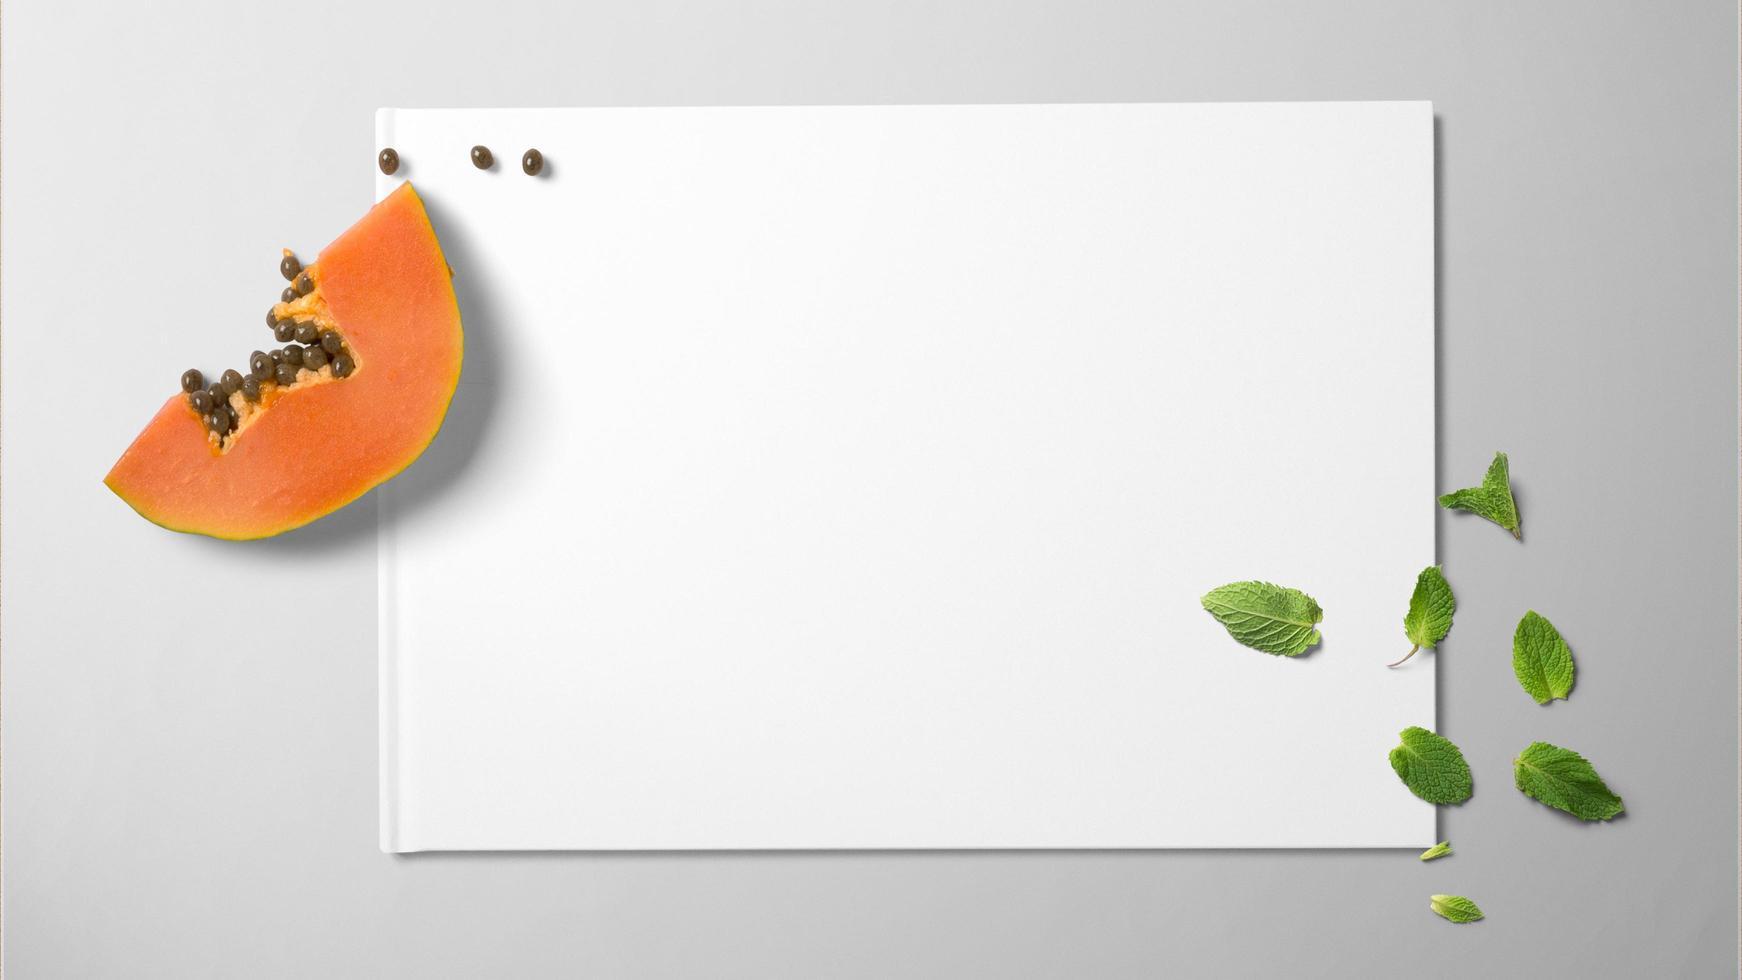 Papaya und Minze auf weißem Papier auf lokalisiertem Hintergrund foto